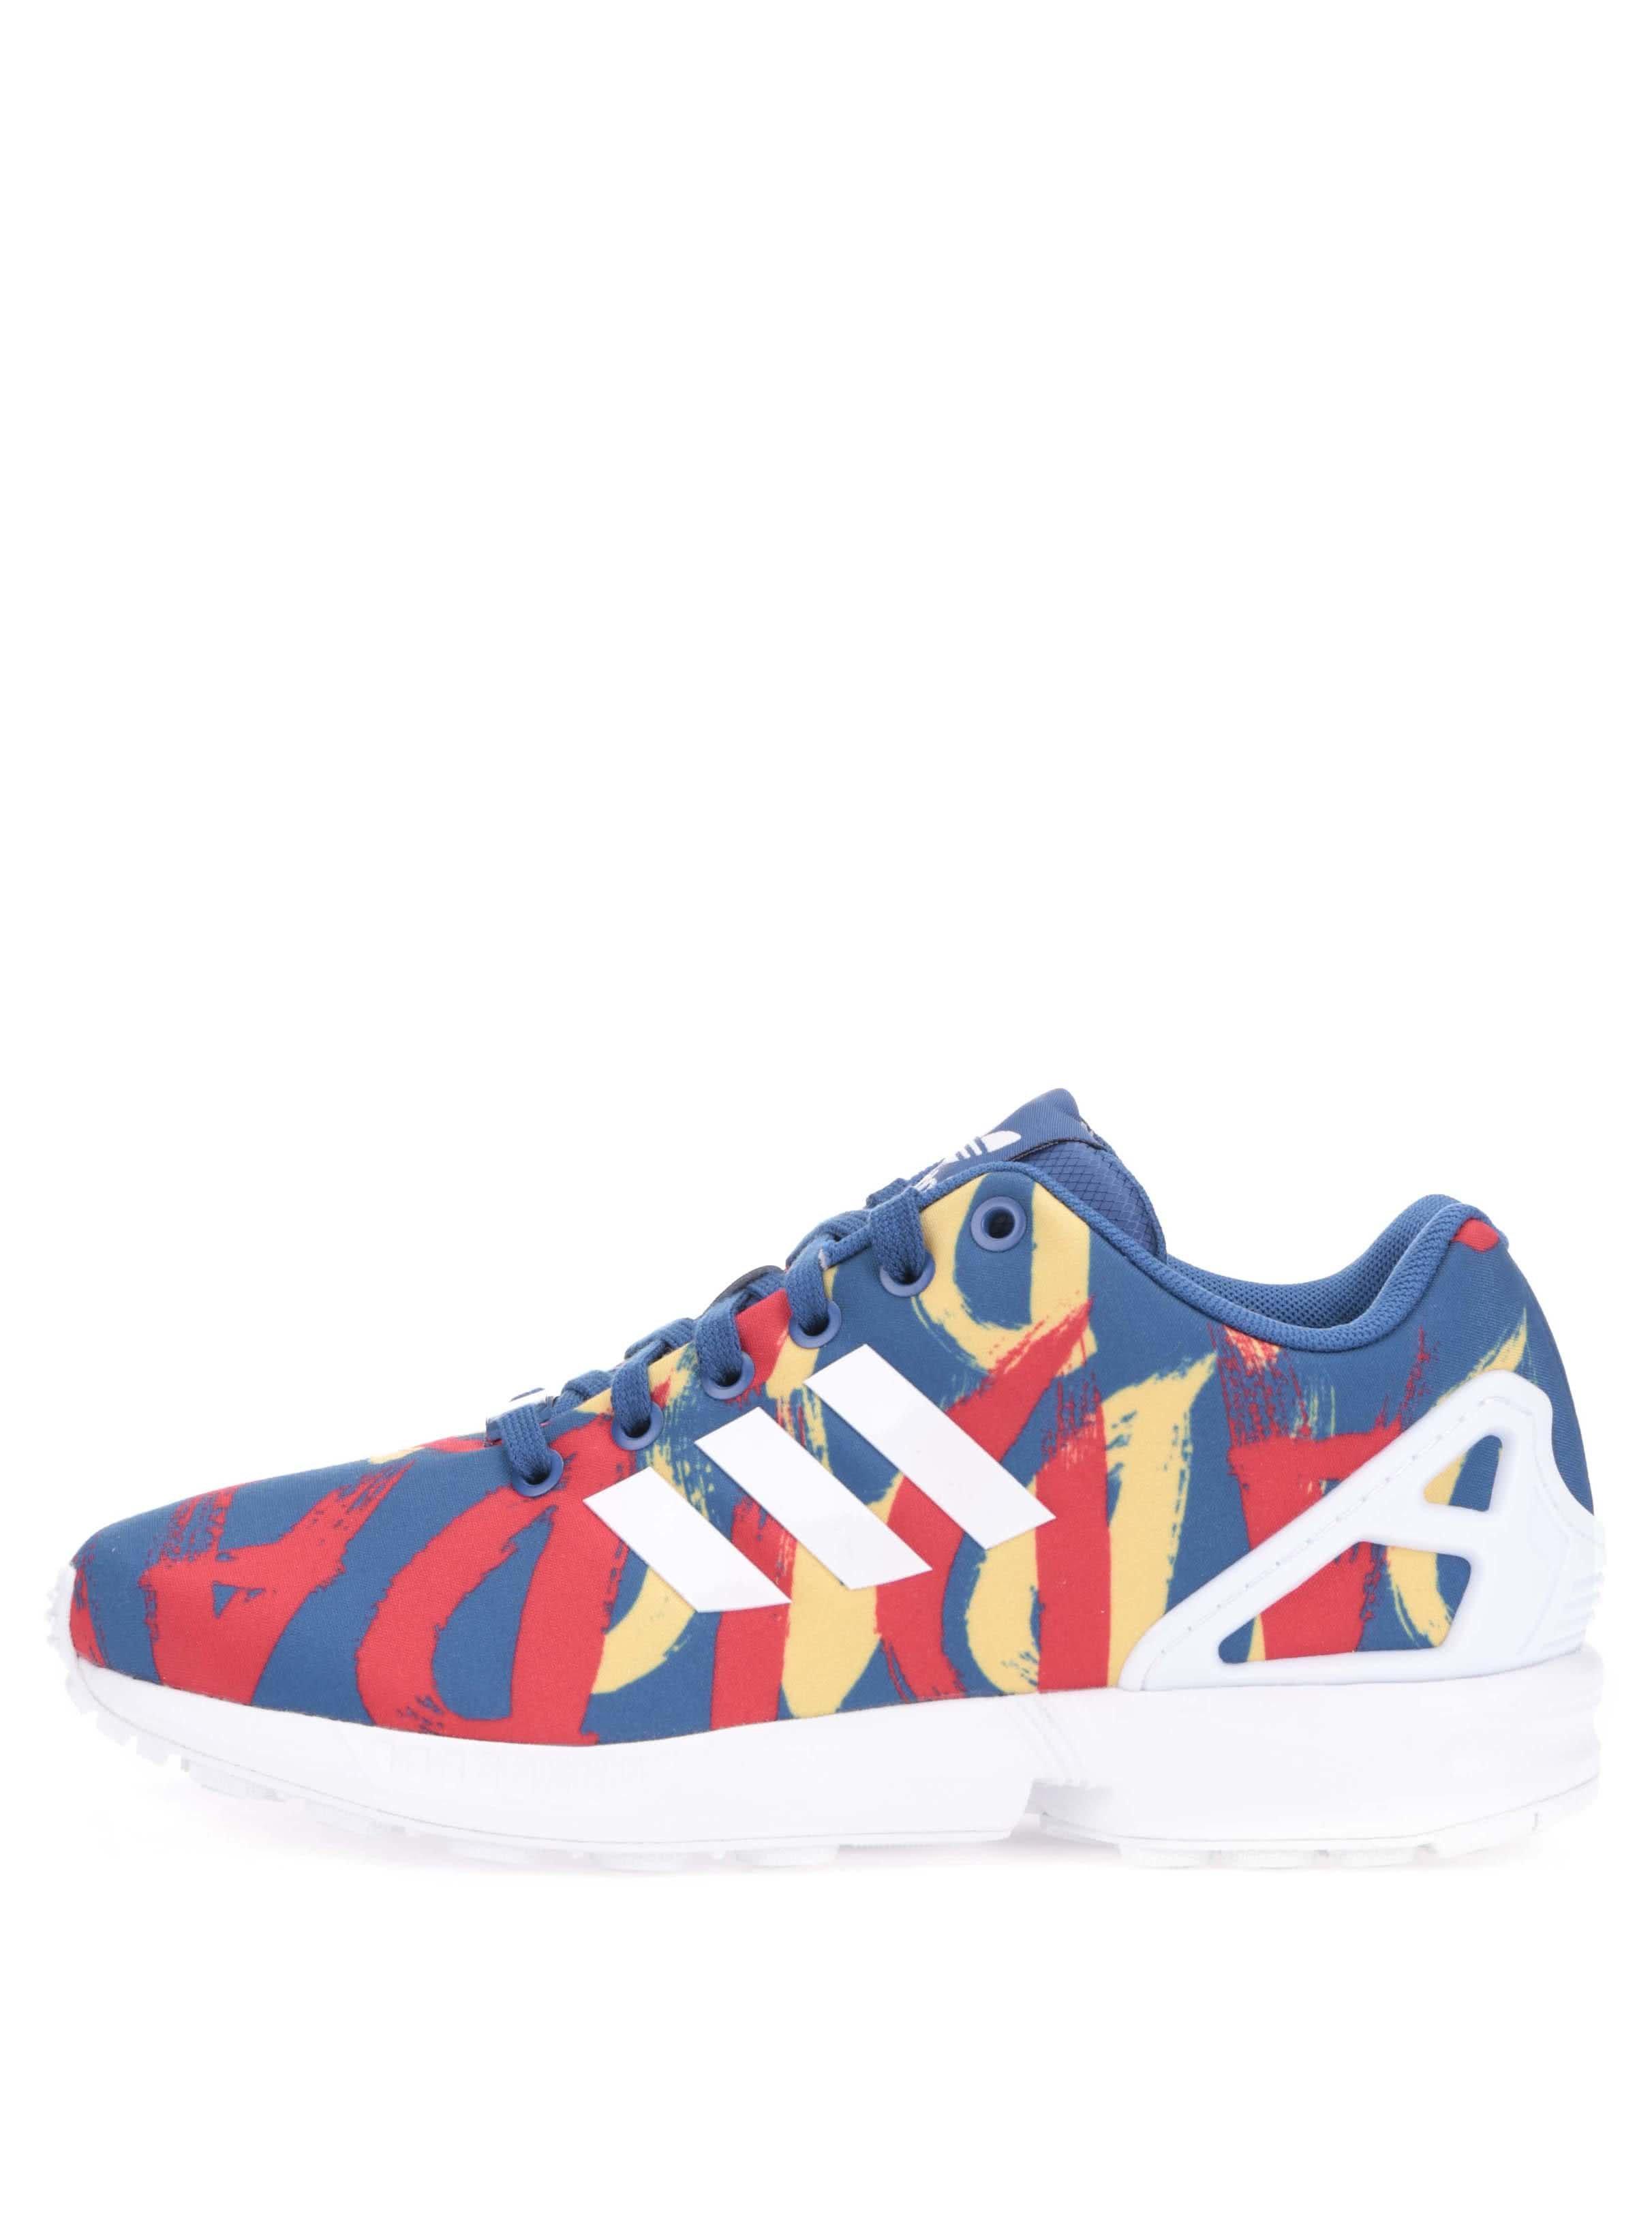 Červeno-modré dámské tenisky adidas Originals Flux W